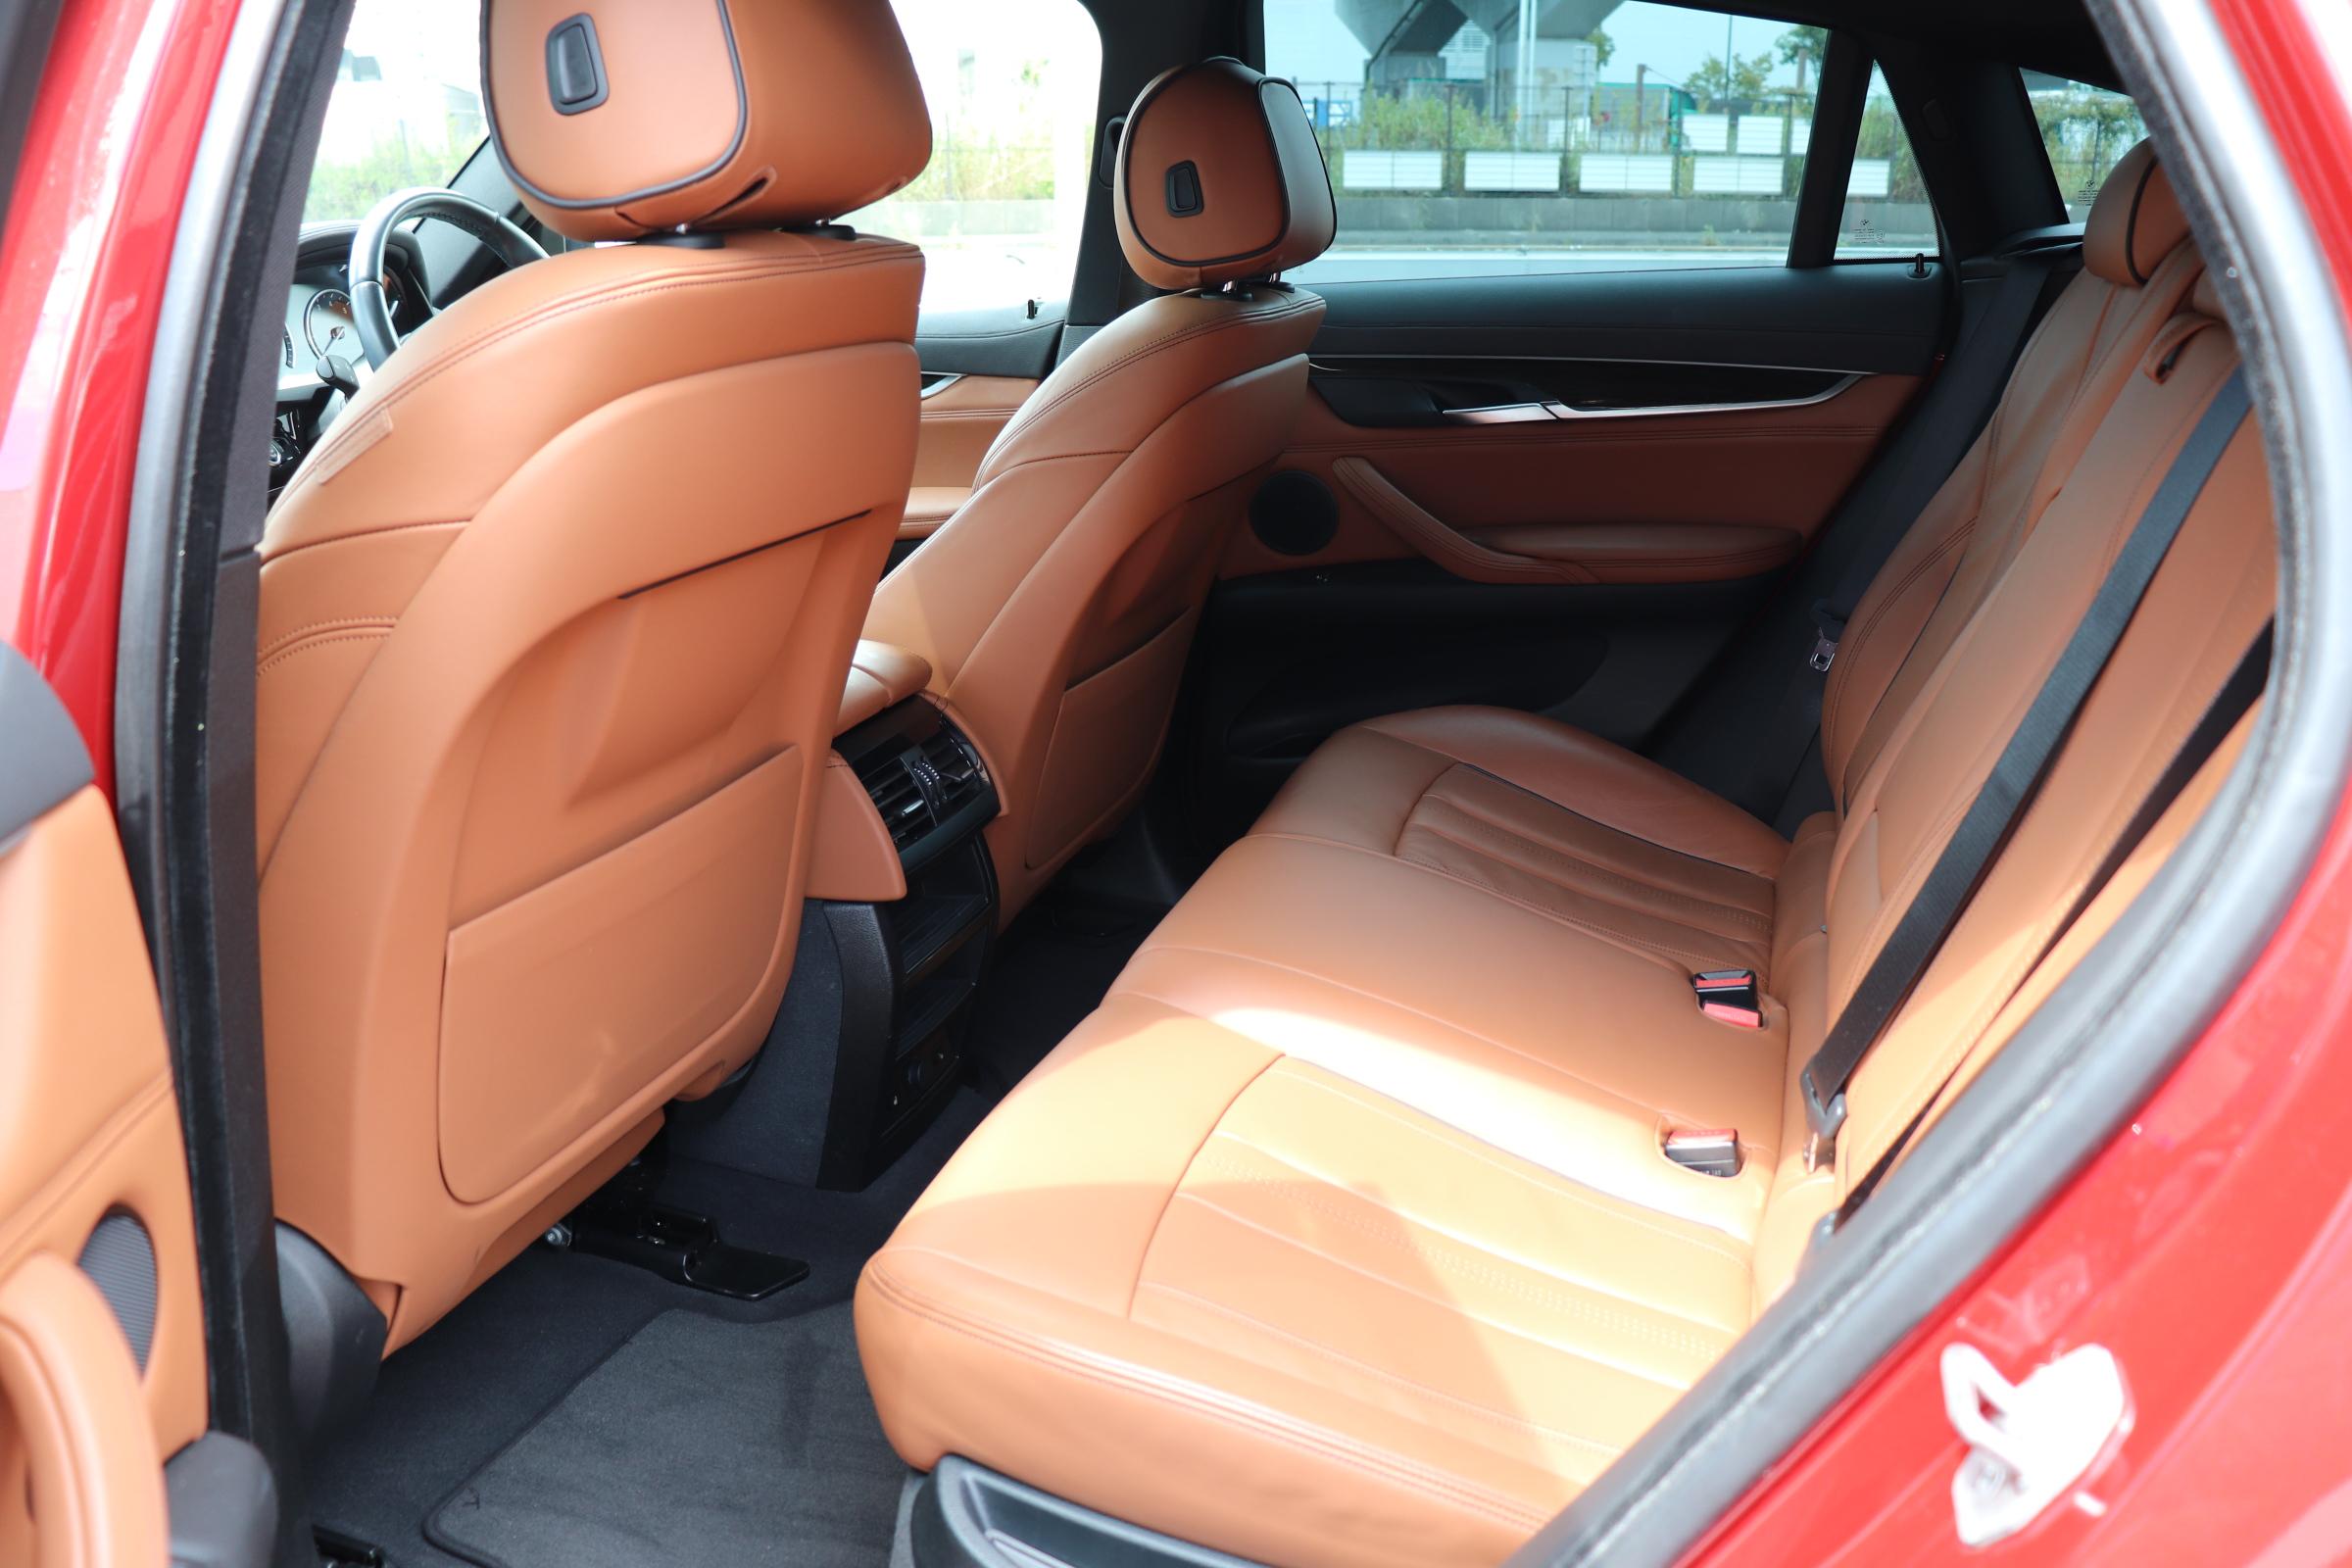 X6 xDrive 35i Mスポーツ セレクトパッケージ ブラウンレザー ACC LEDライト ワンオーナー車両画像14